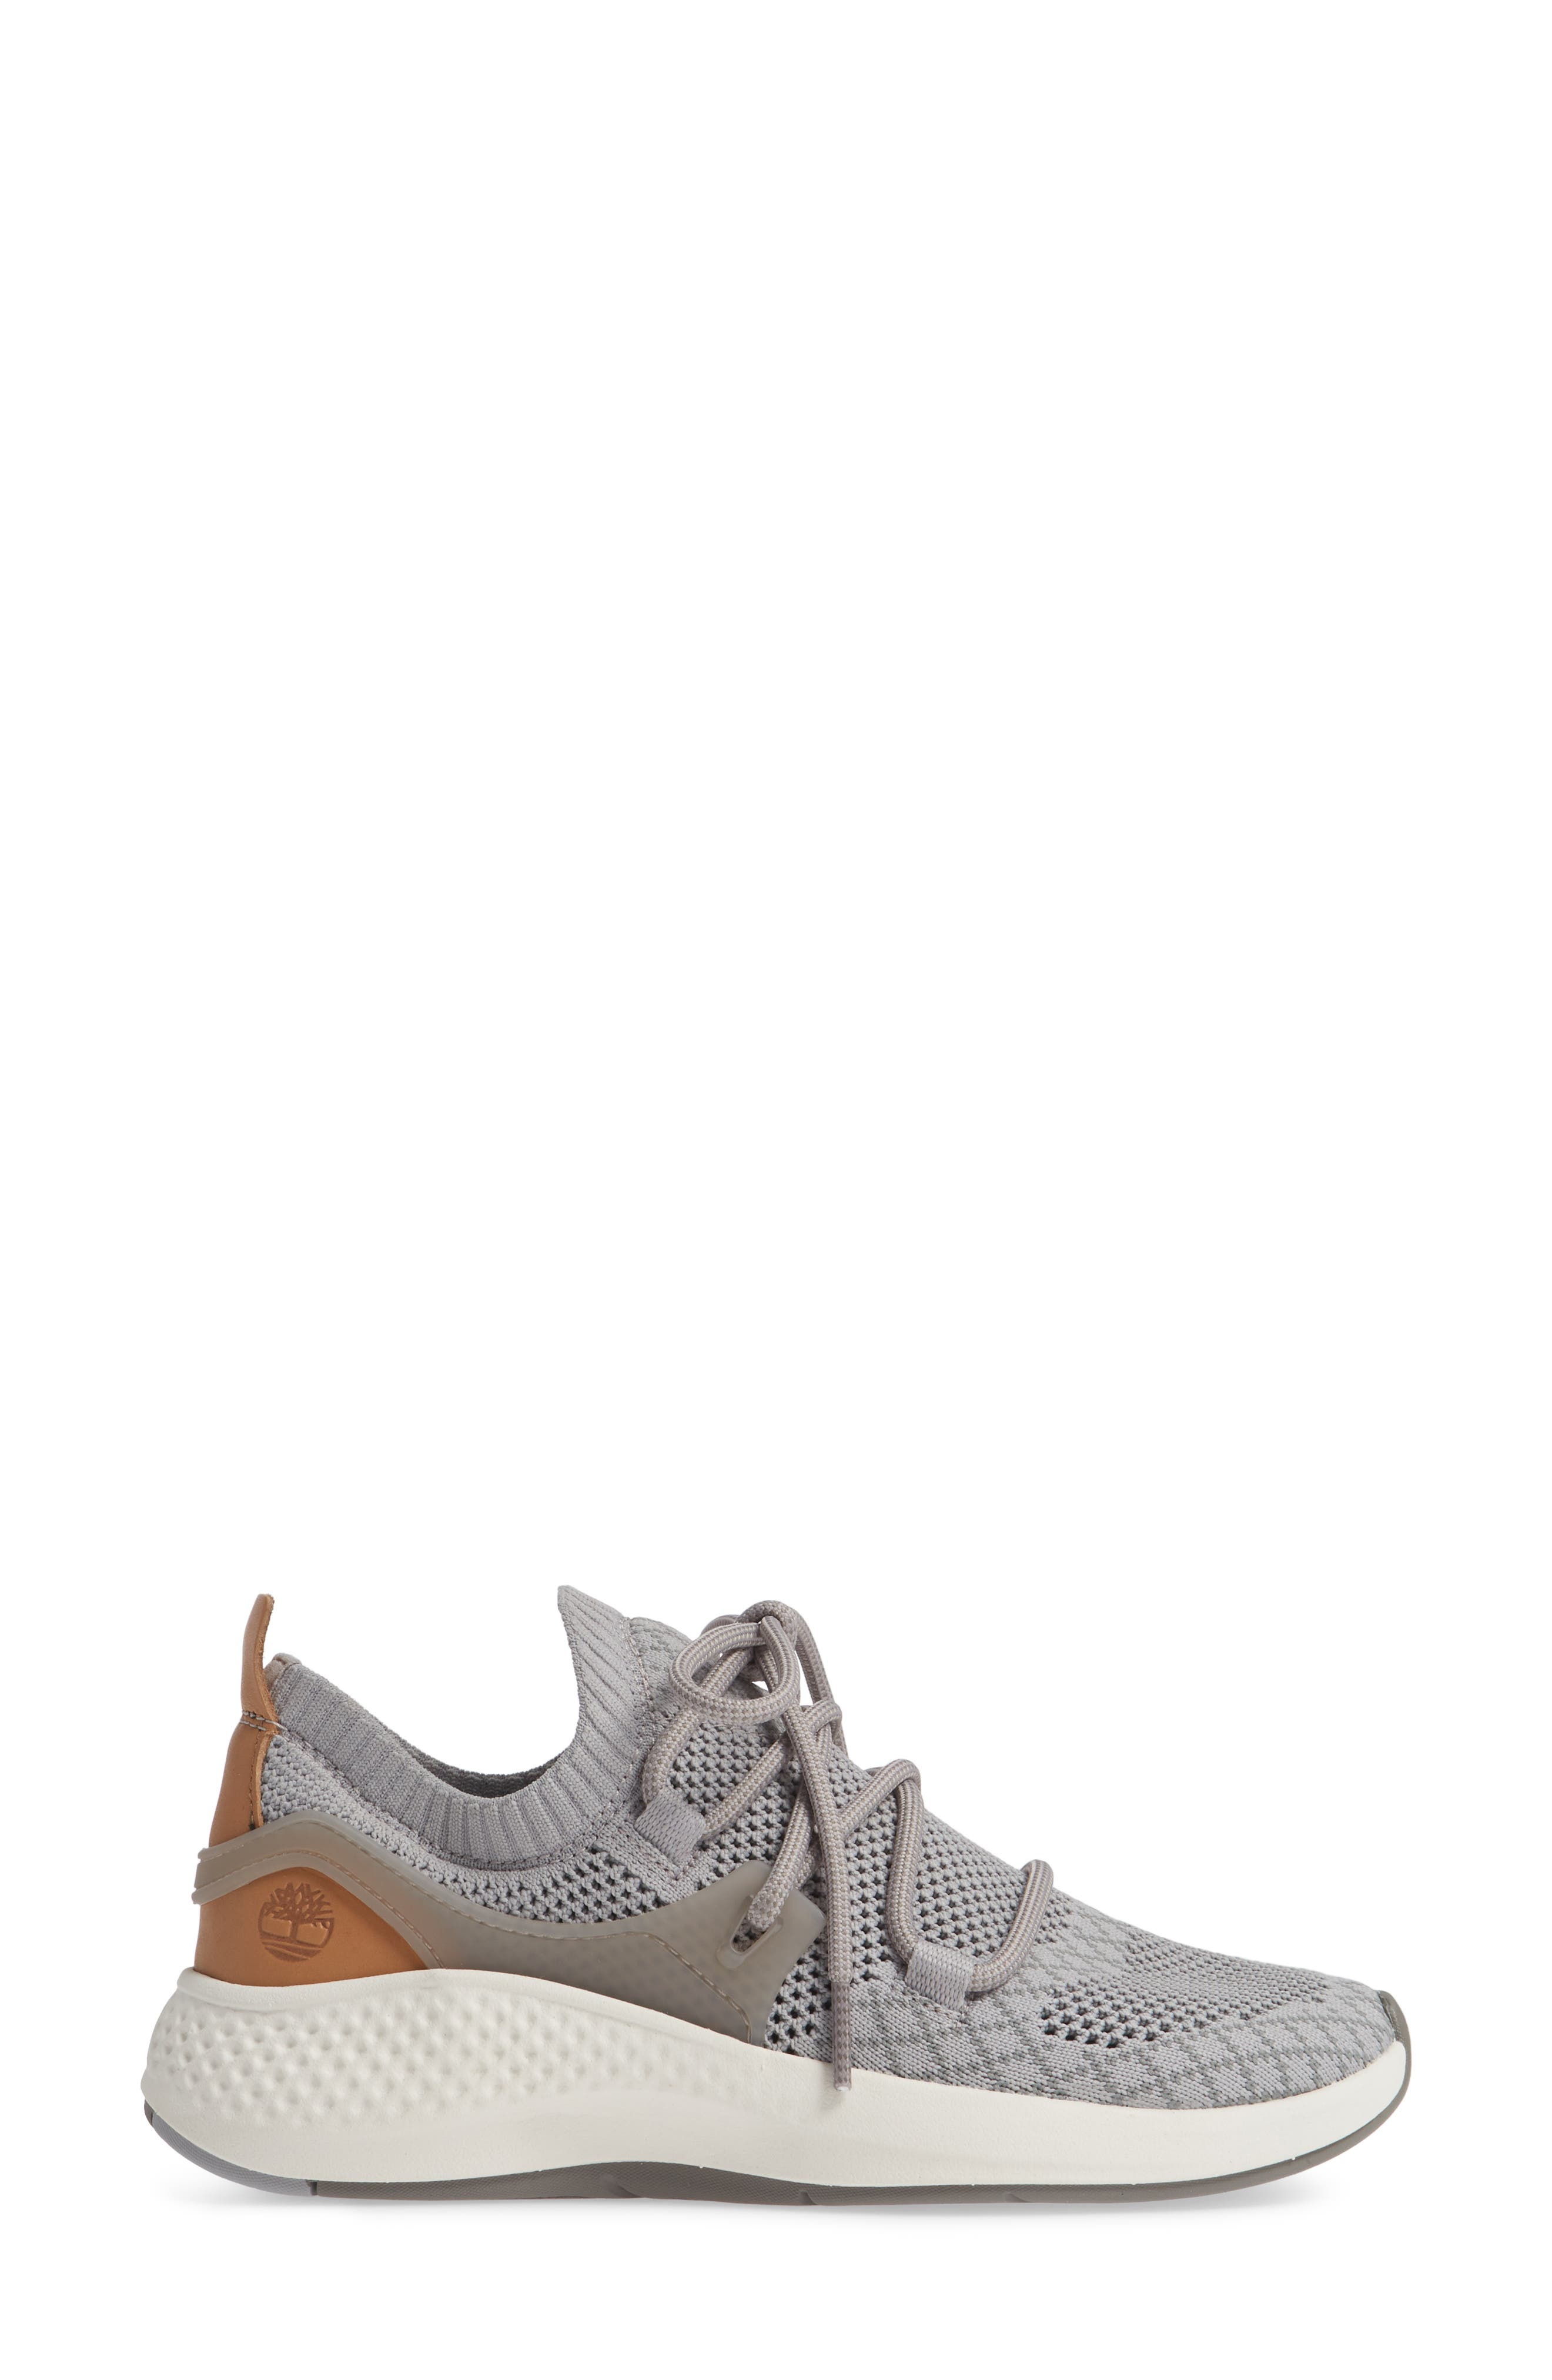 FlyRoam Oxford Sneaker,                             Alternate thumbnail 3, color,                             065